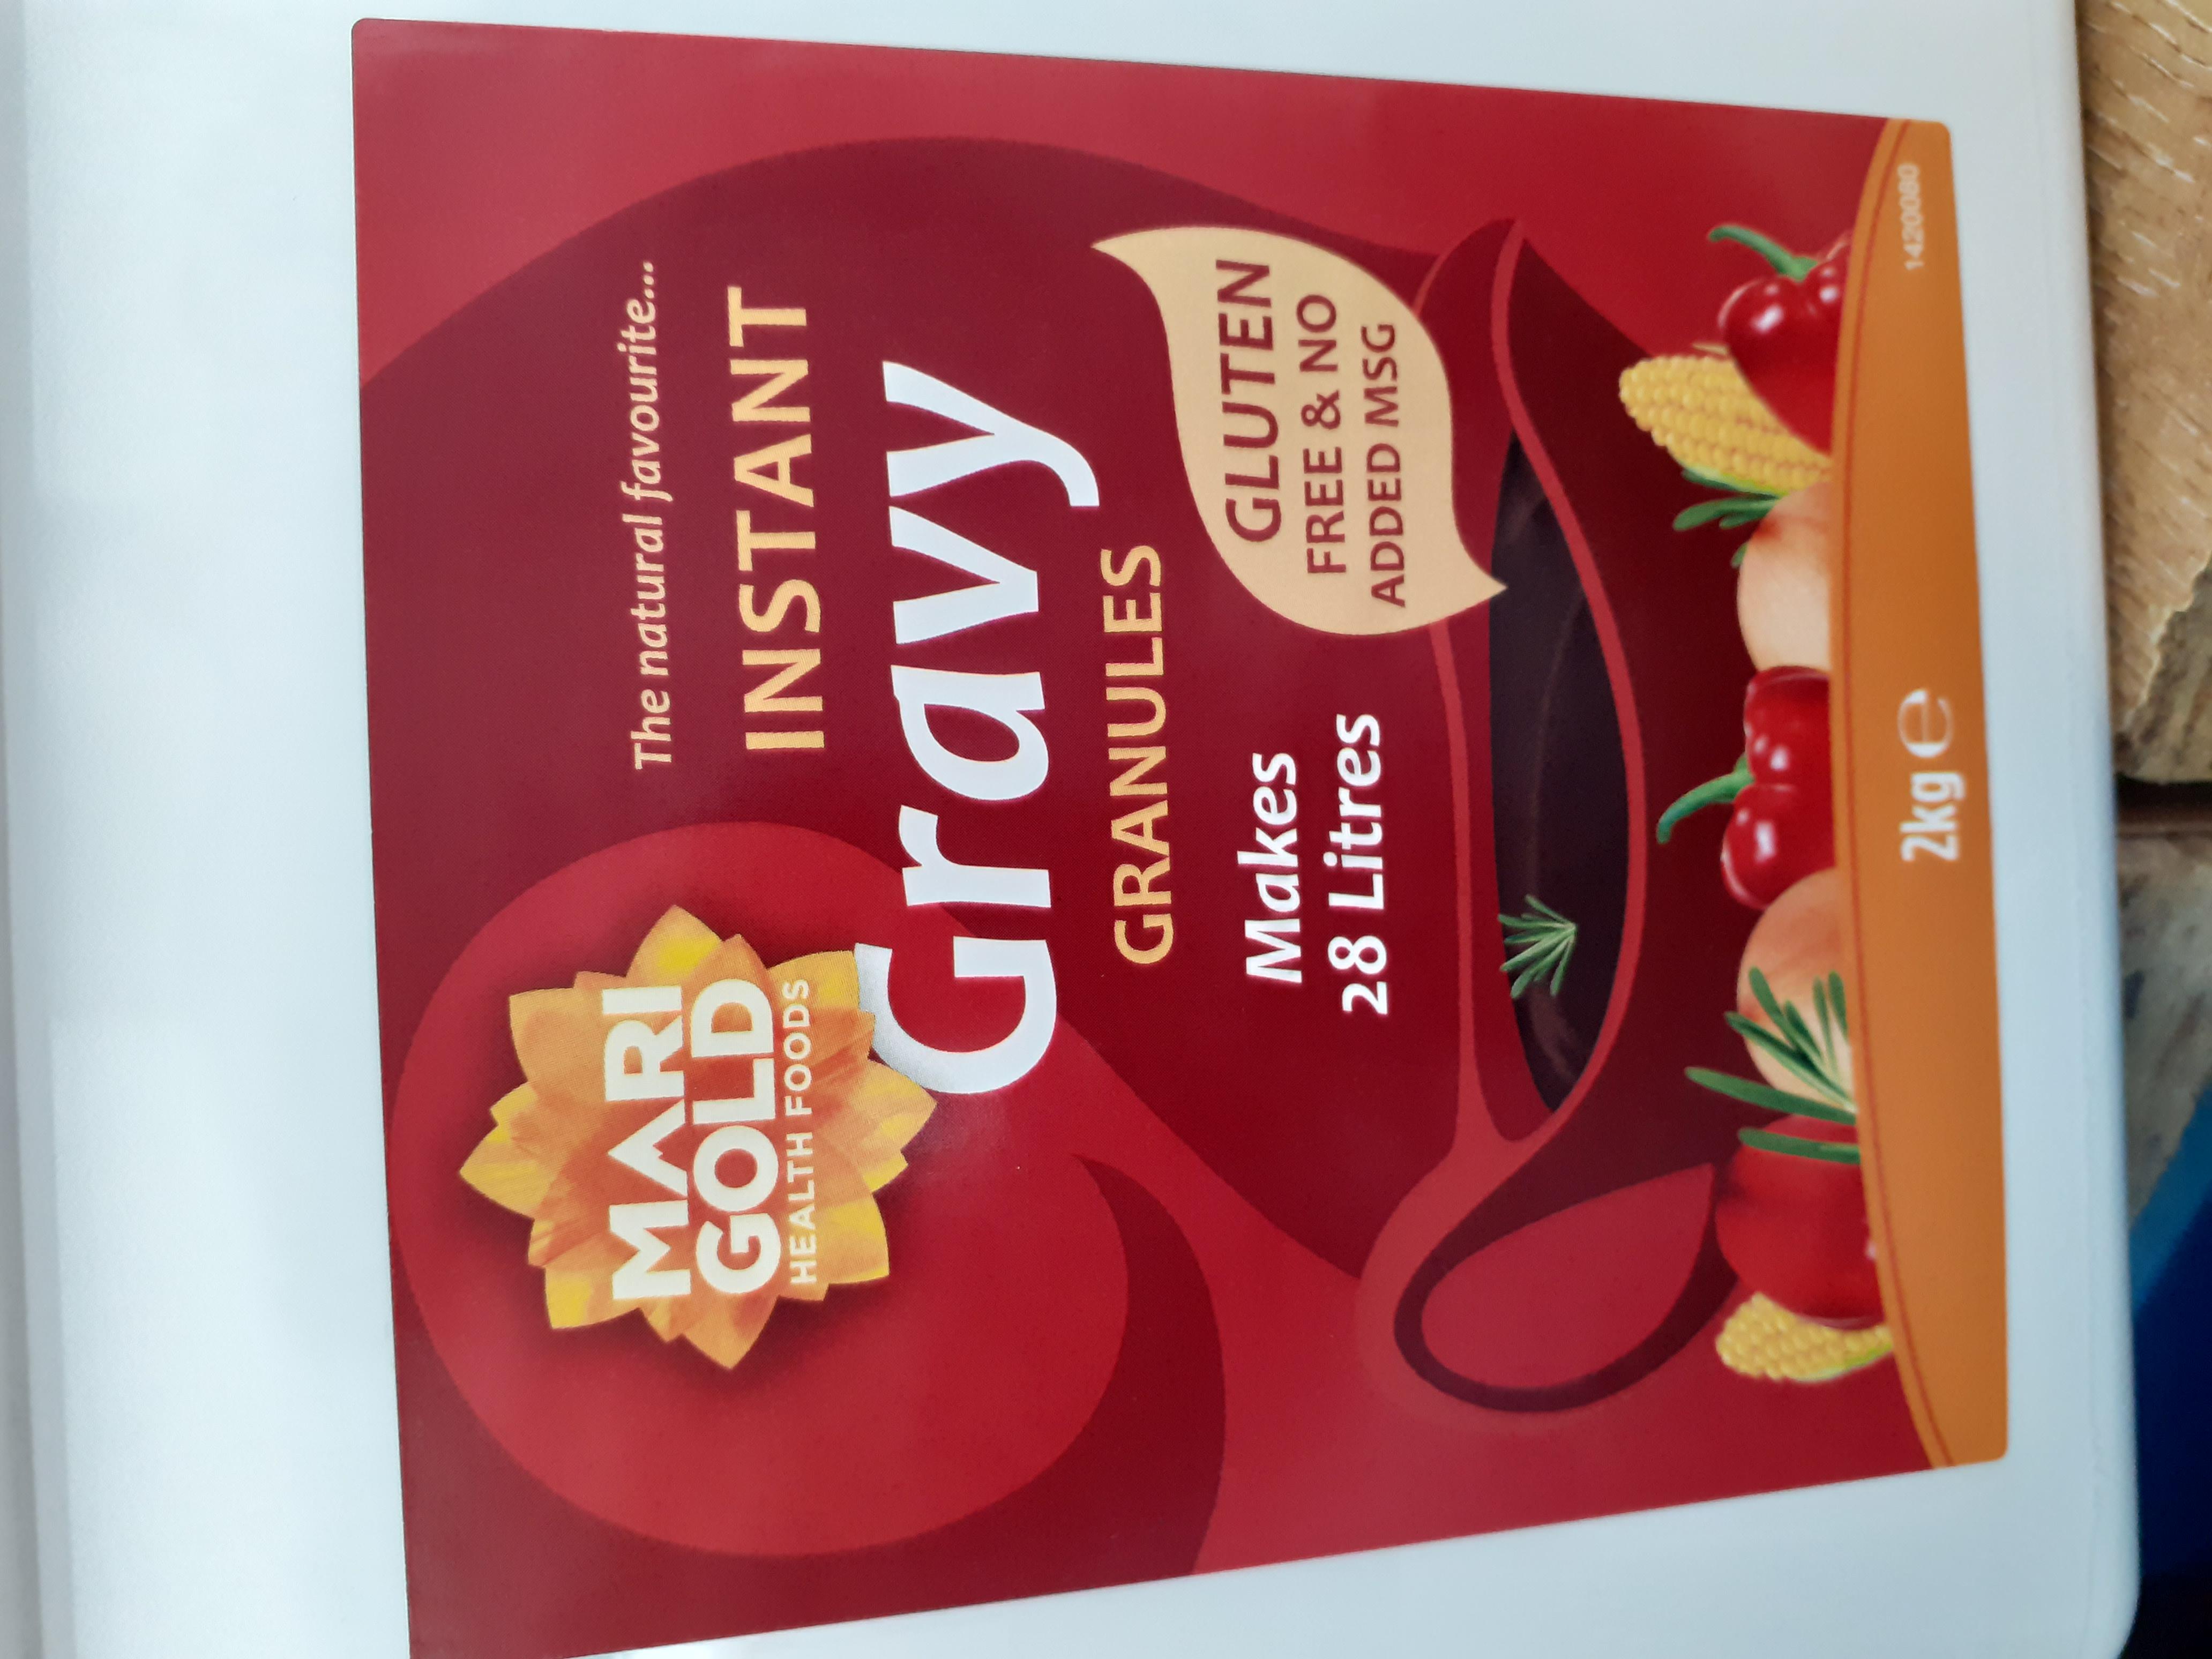 Gravy Granules - vegan - Gluten free - per 100g